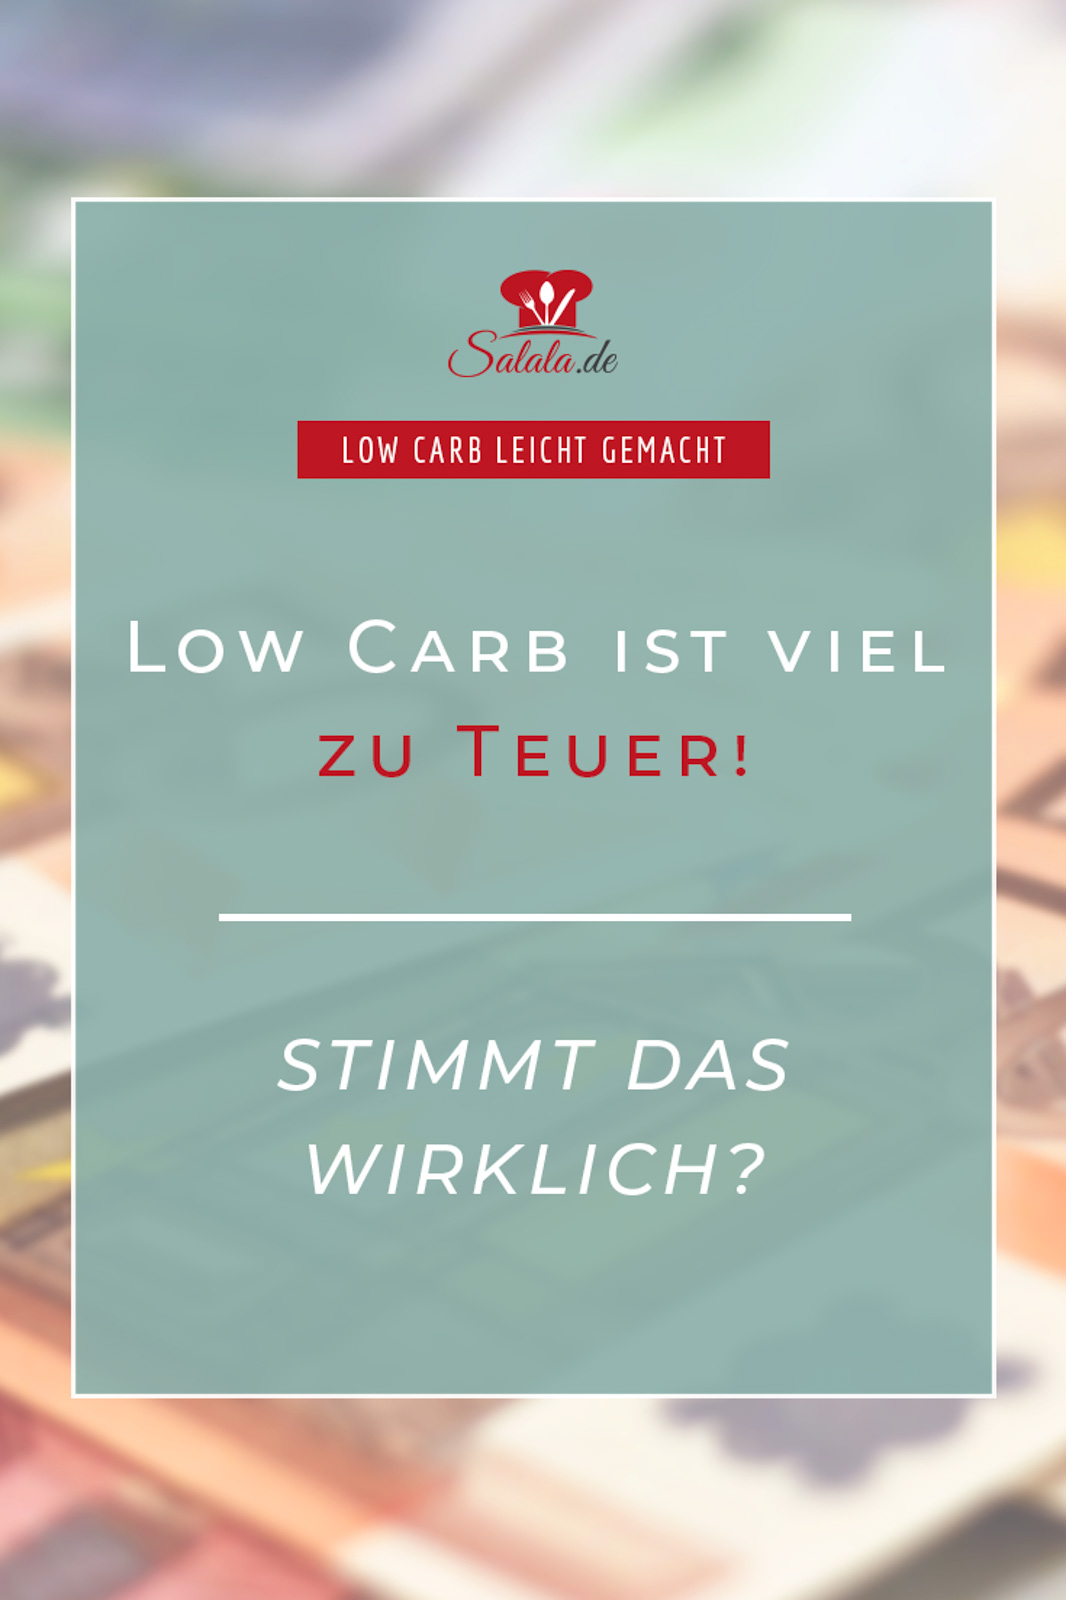 Low Carb ist viel zu teuer und ich kann mir das überhaupt nicht leisten. Stimmt das wirklich?  #lowcarb #lowcarbistteuer #lowcarbernaehrung #lowcarbgeld #teureernaehrung #lowcarbbillig